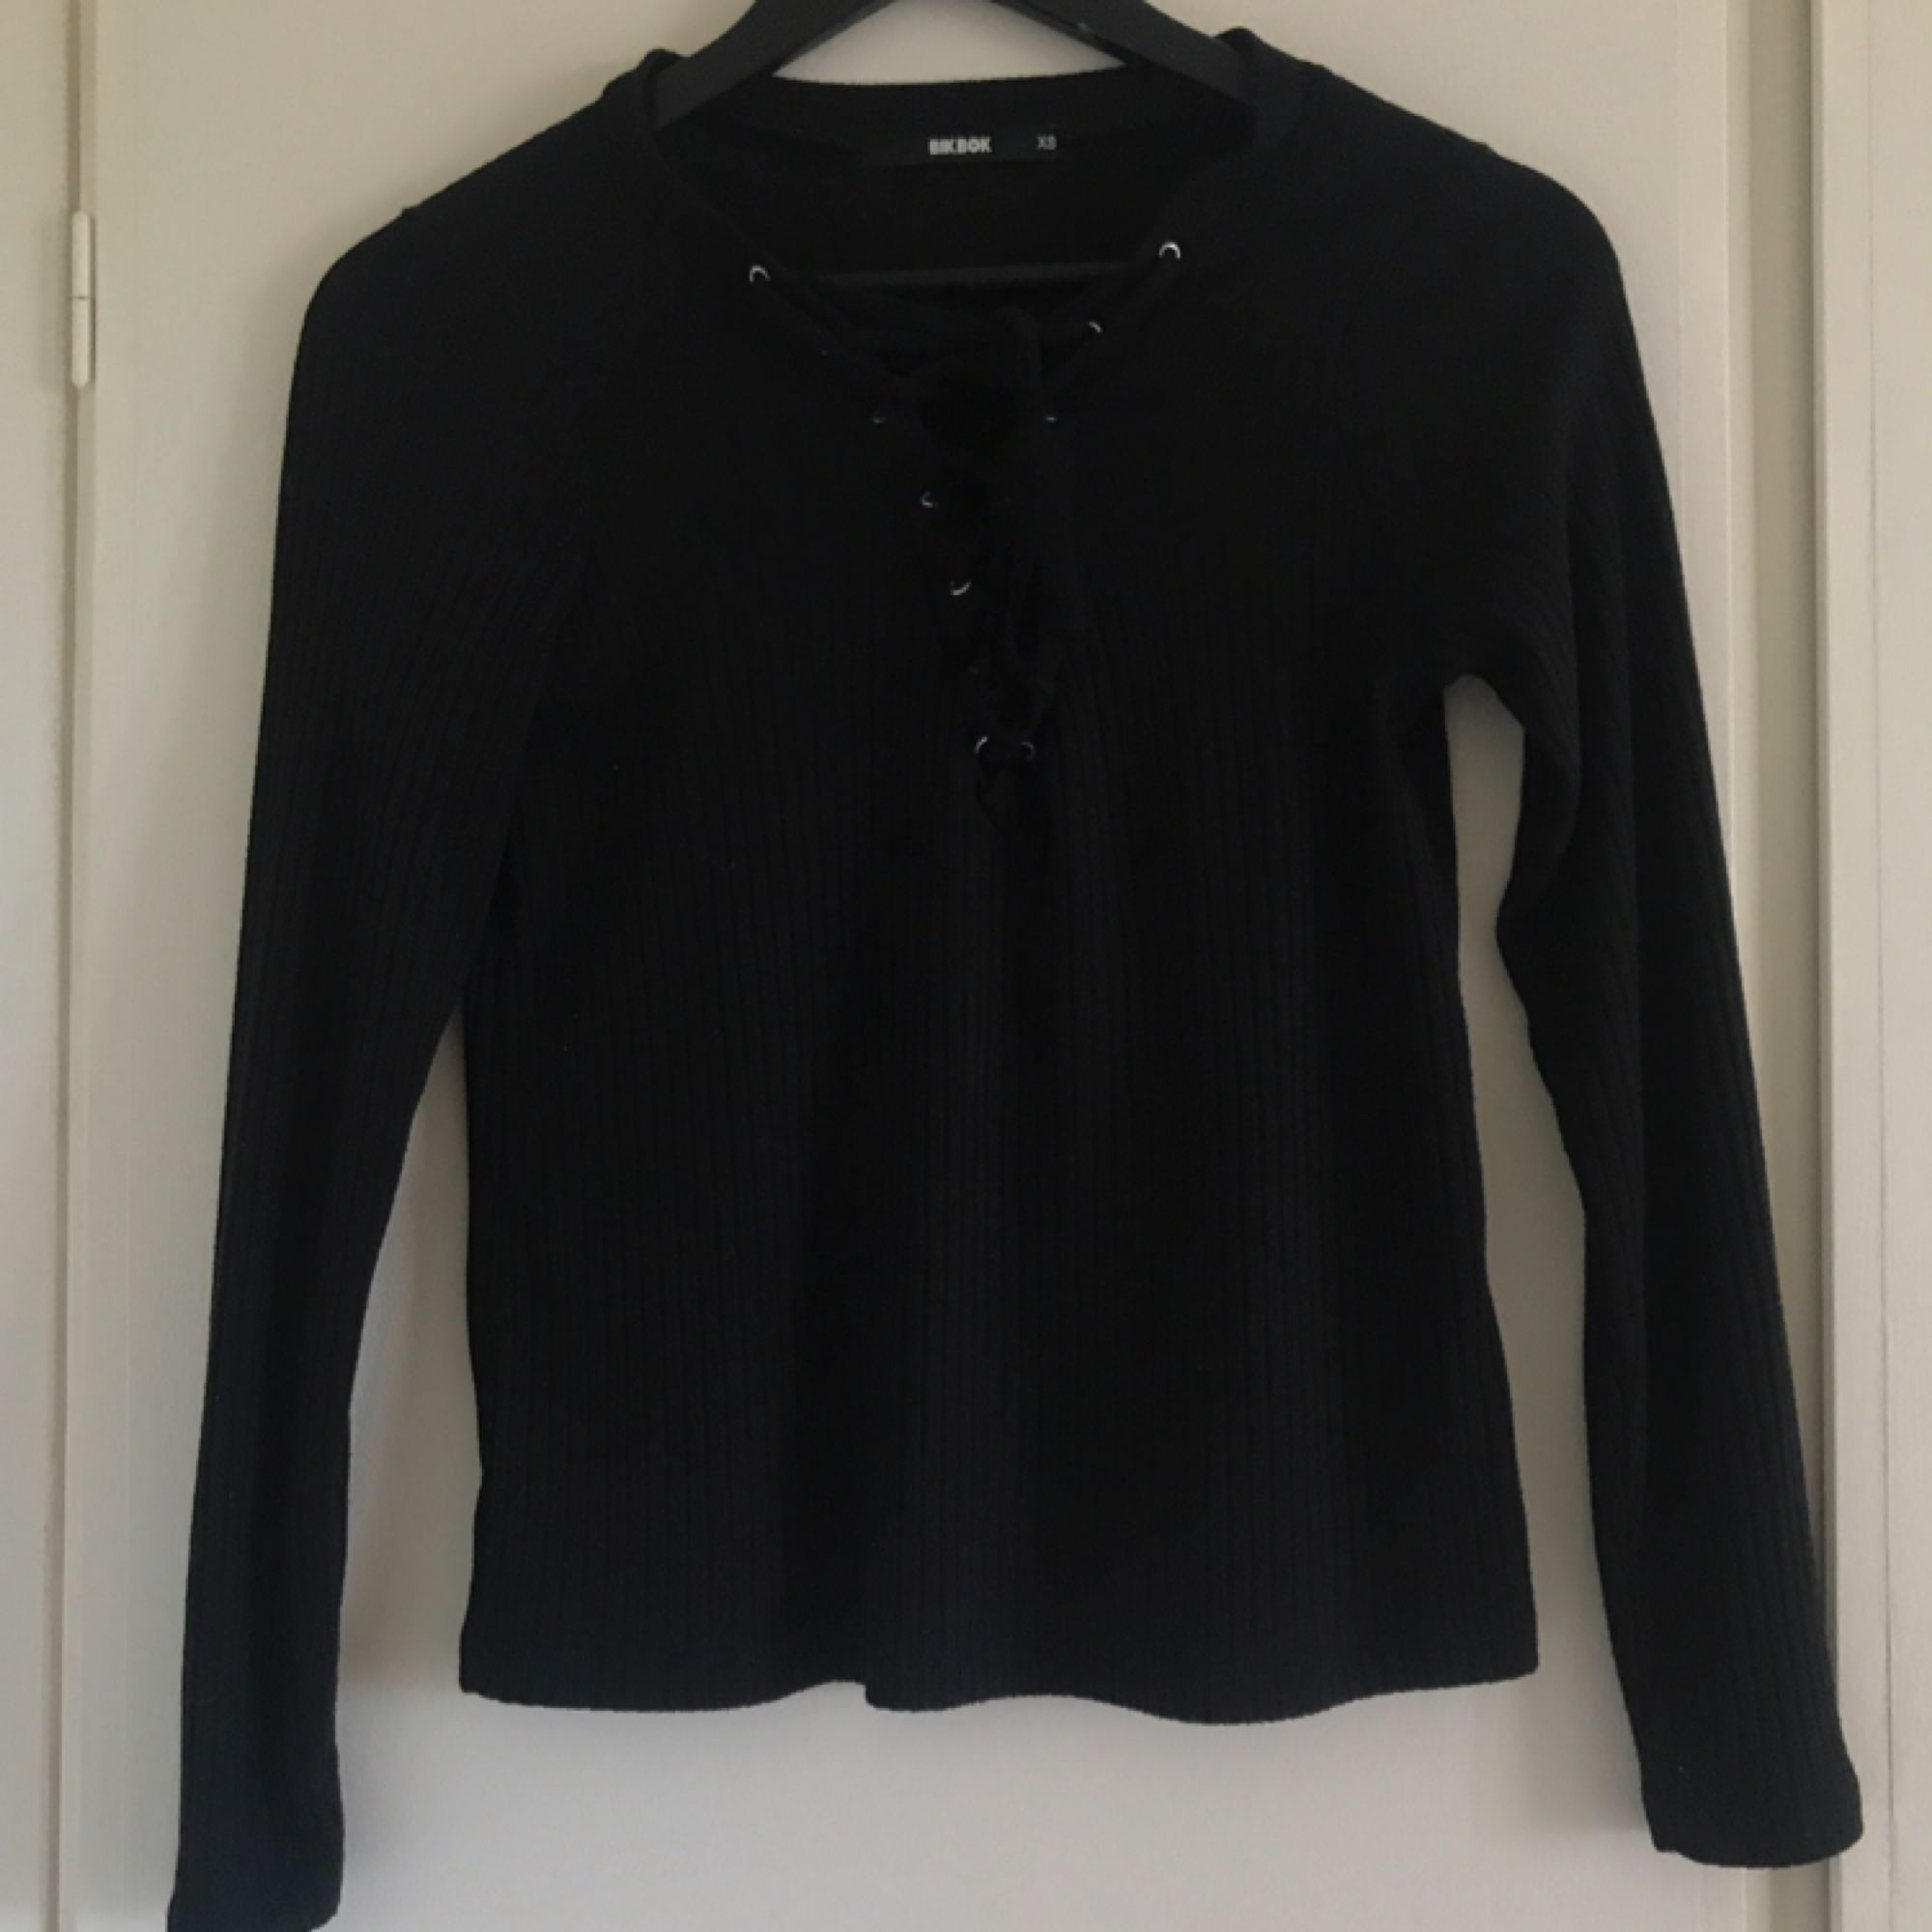 Svart tröja med snörning från BikBok. XS men passar också S. Mycket fint skick. Kan mötas i Norrköping annars står köparen för frakten.. Toppar.